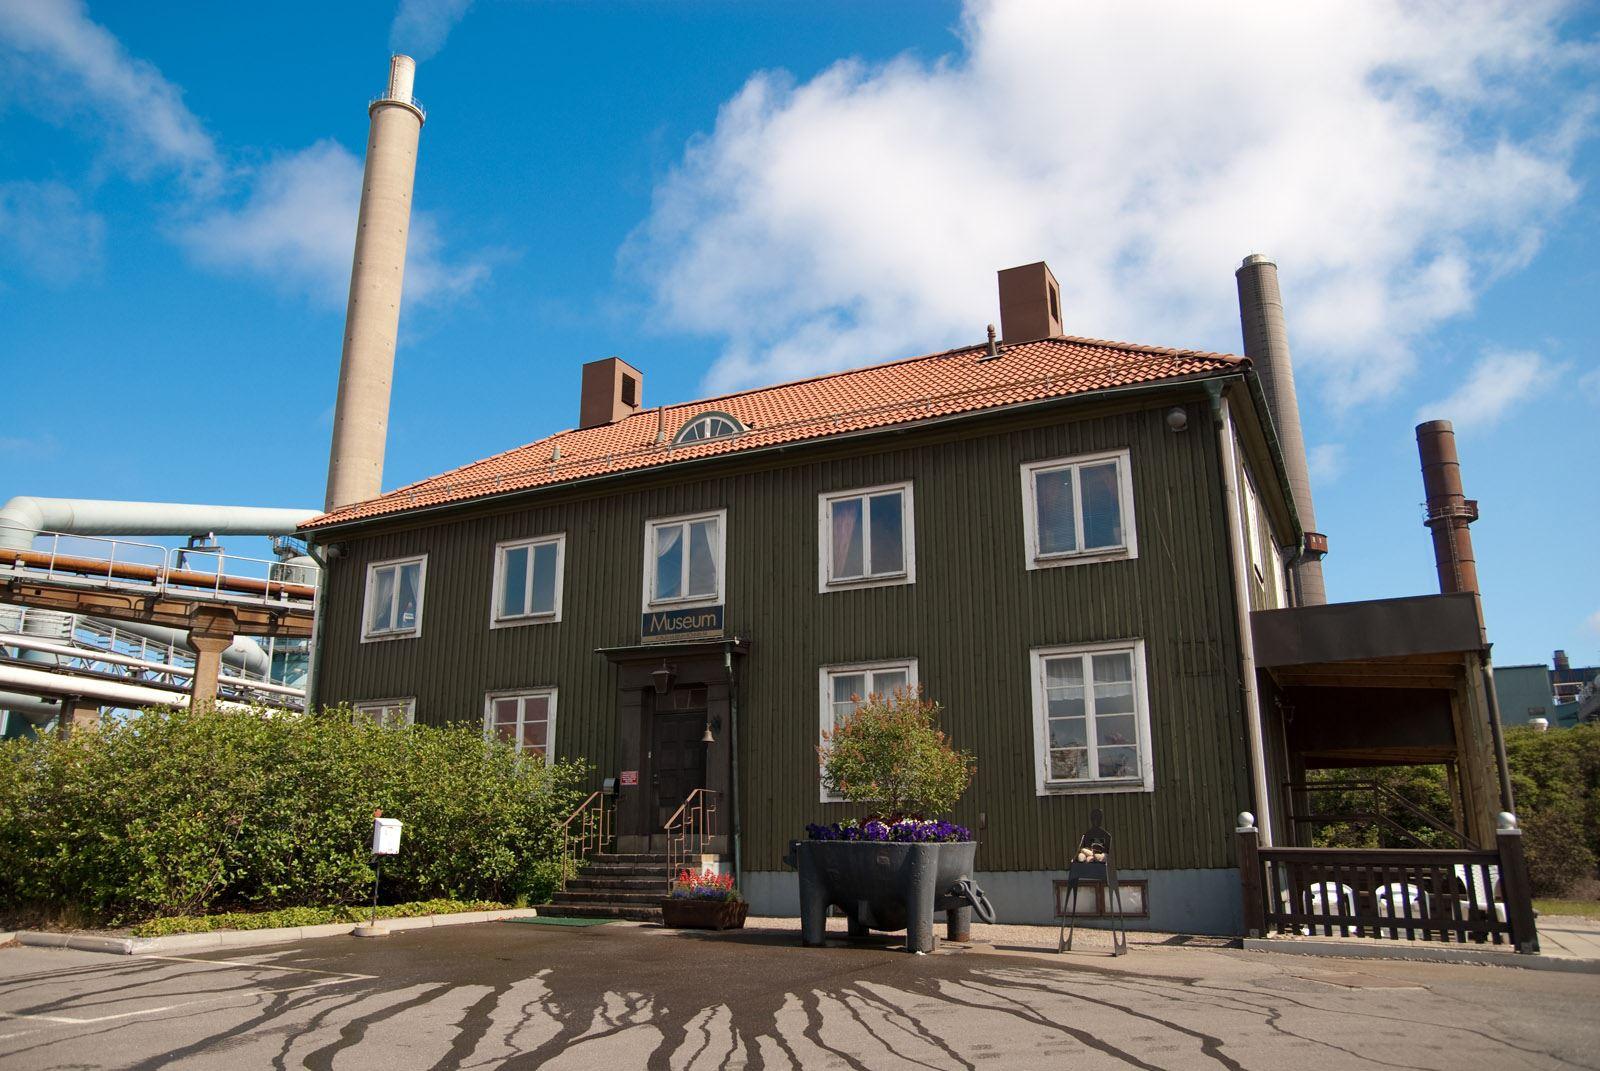 Forum Museum Rönnskär